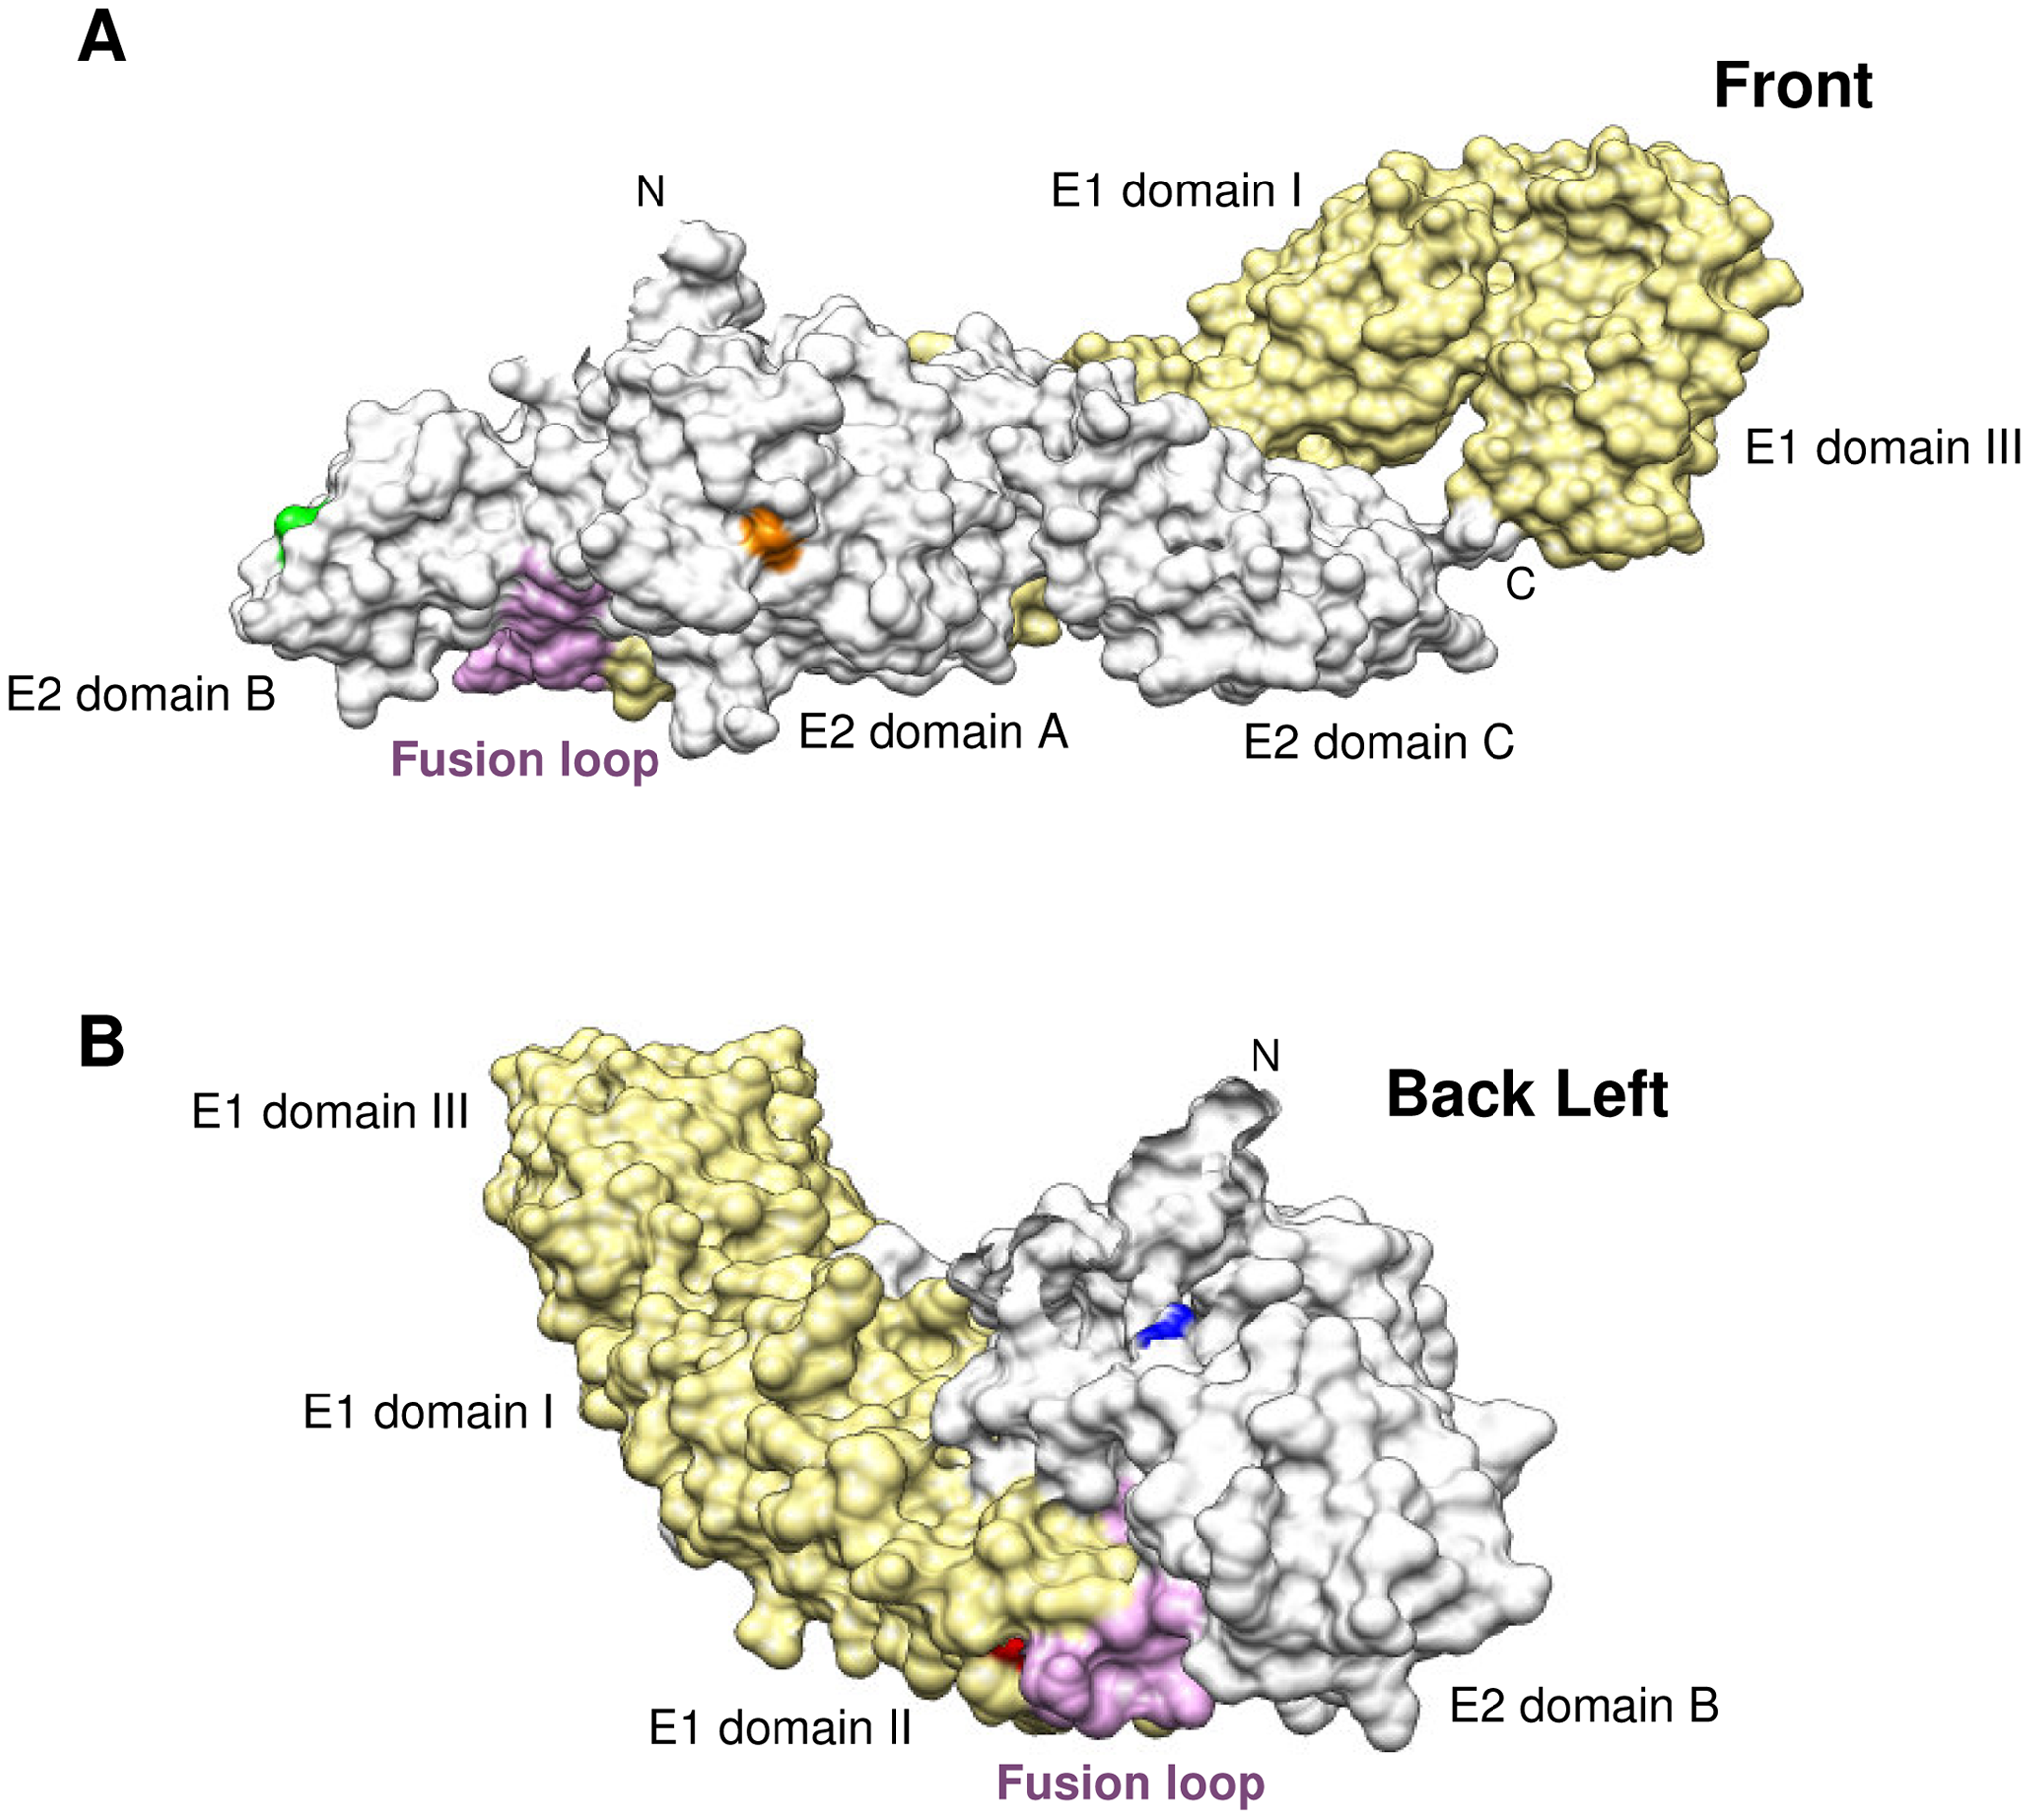 Location of E1.101, E2.12, E2.82 and E2.216 in the CHIKV E1/E2 heterodimer.